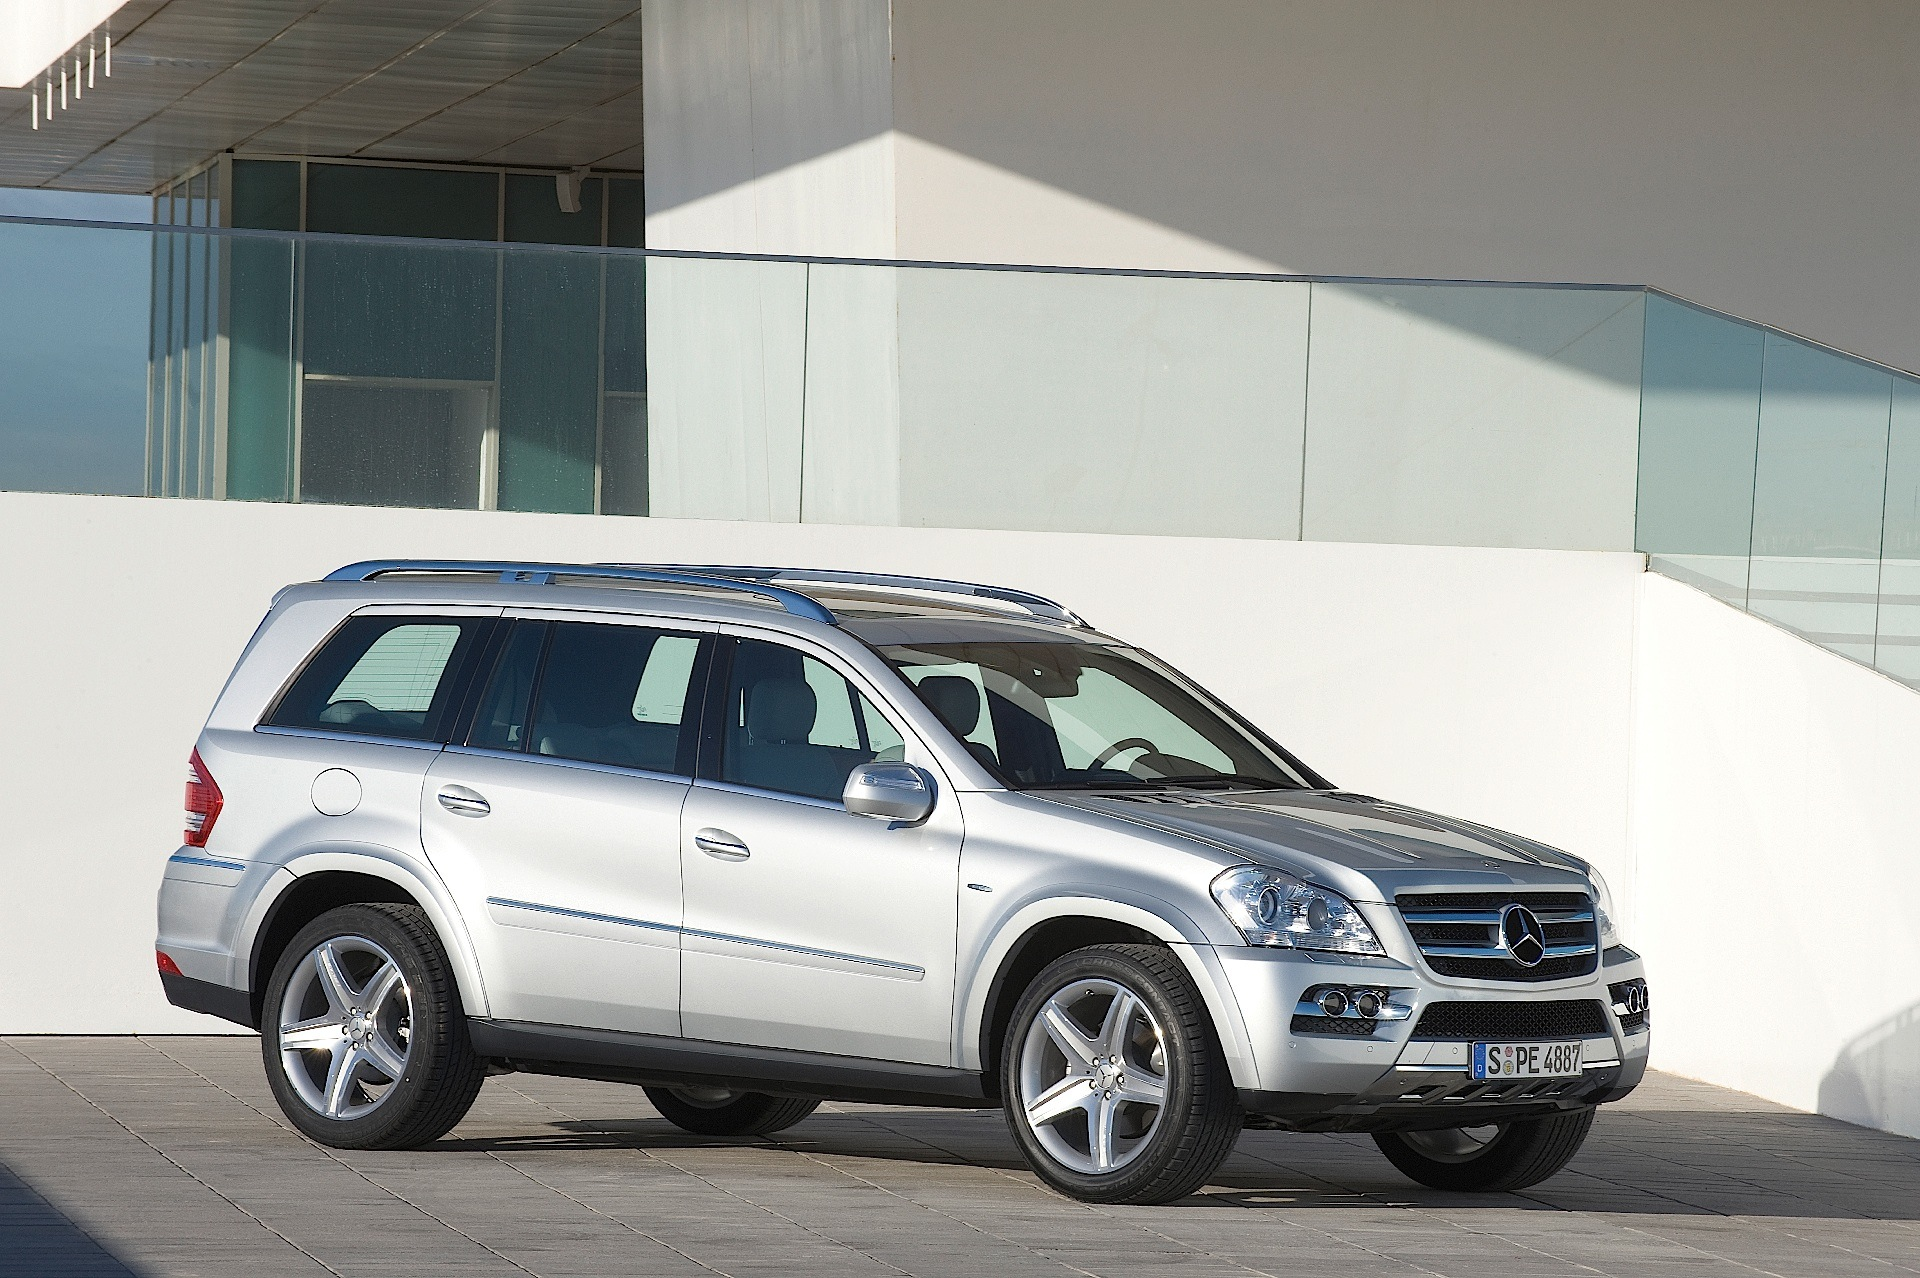 Mercedes benz gl klasse x164 specs 2009 2010 2011 for Mercedes benz suv 2009